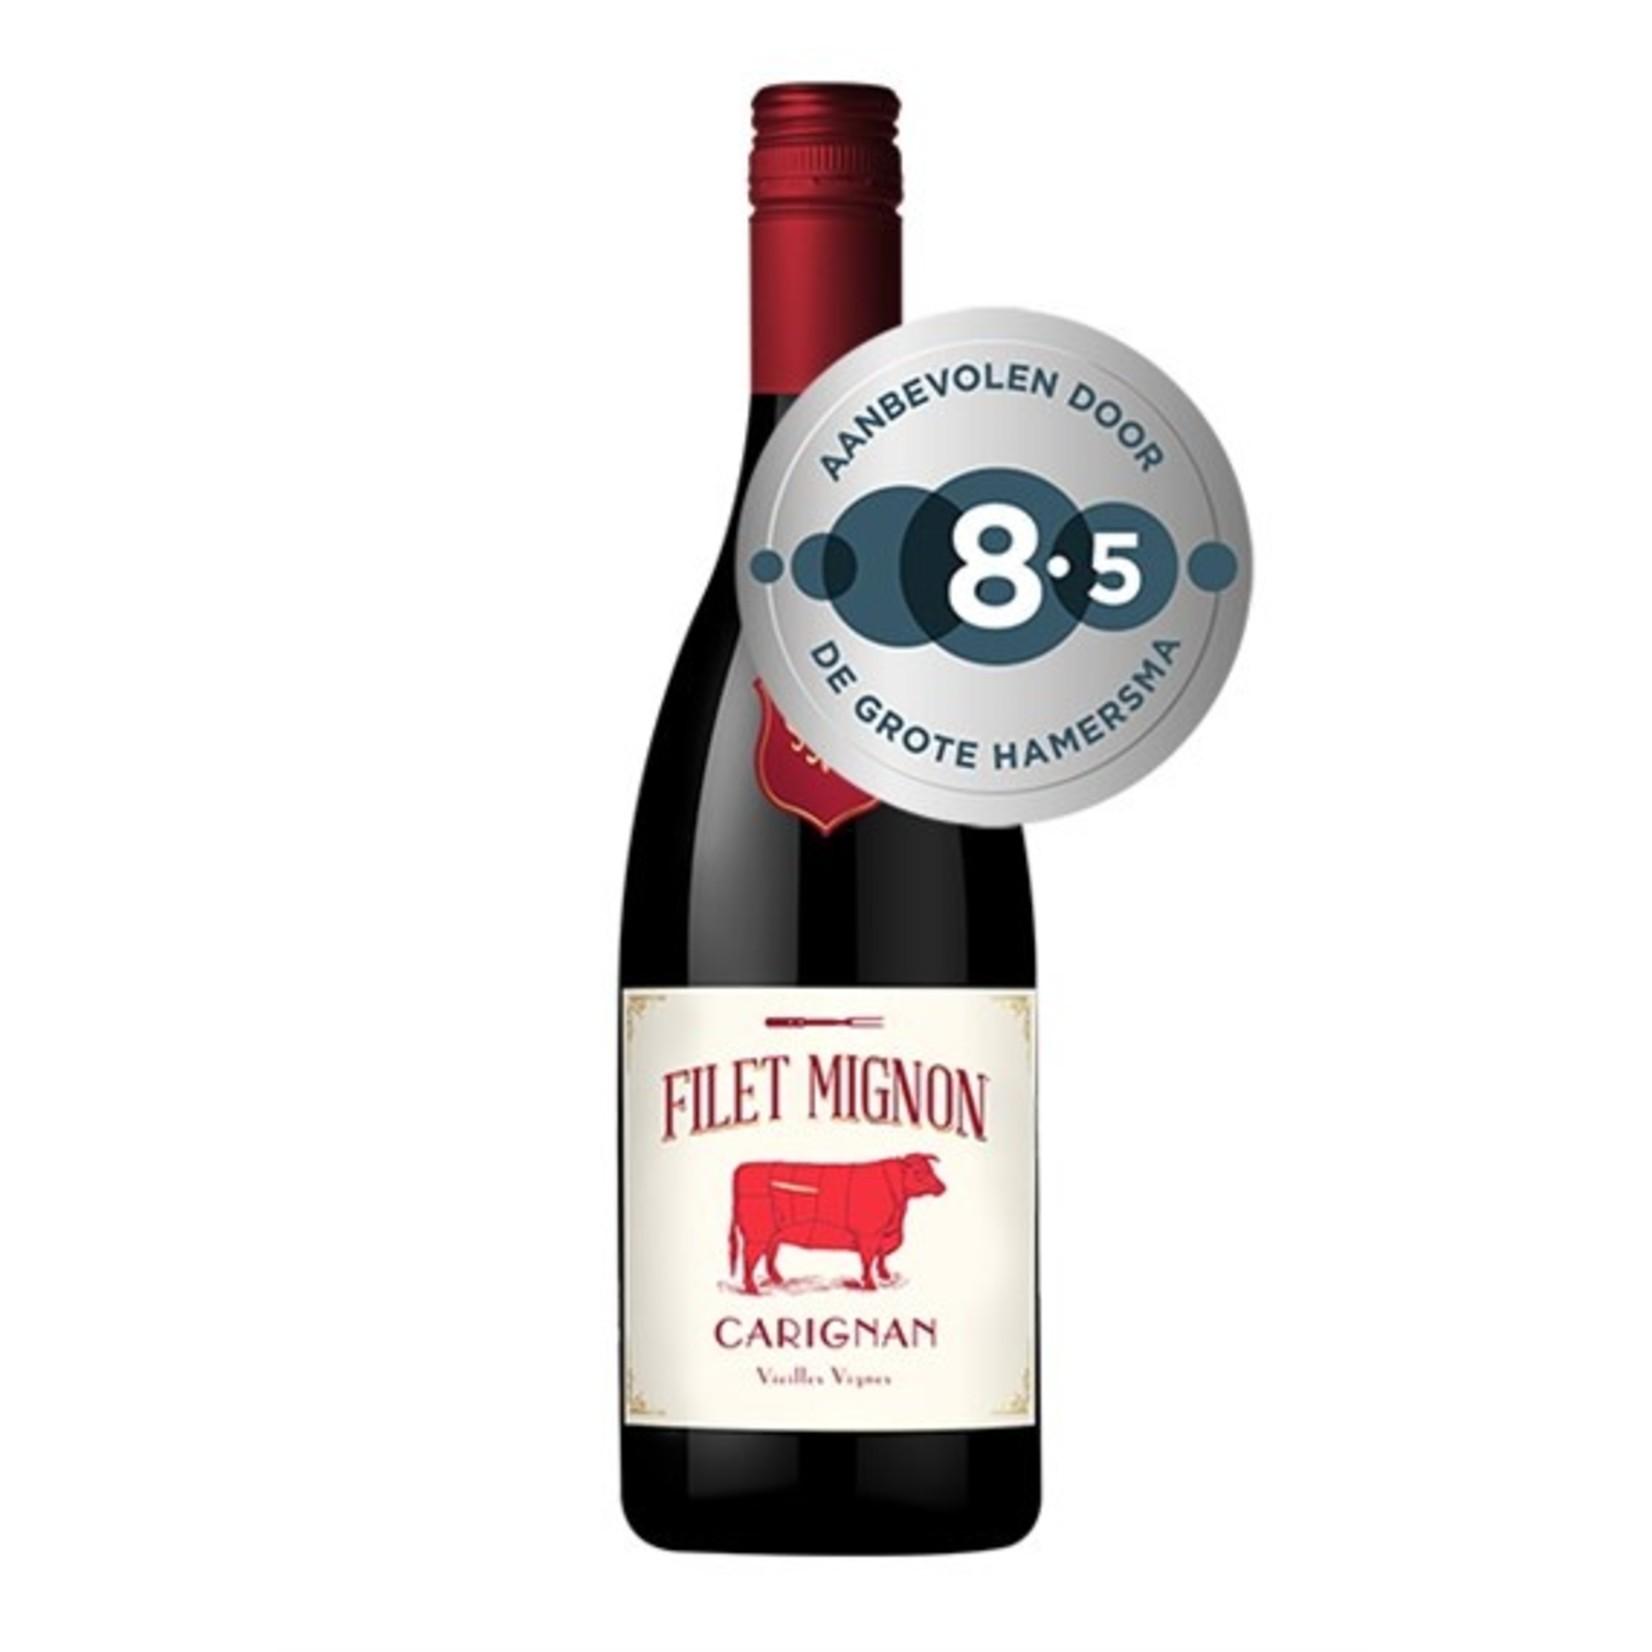 Filet Mignon, Vin de France, 2018